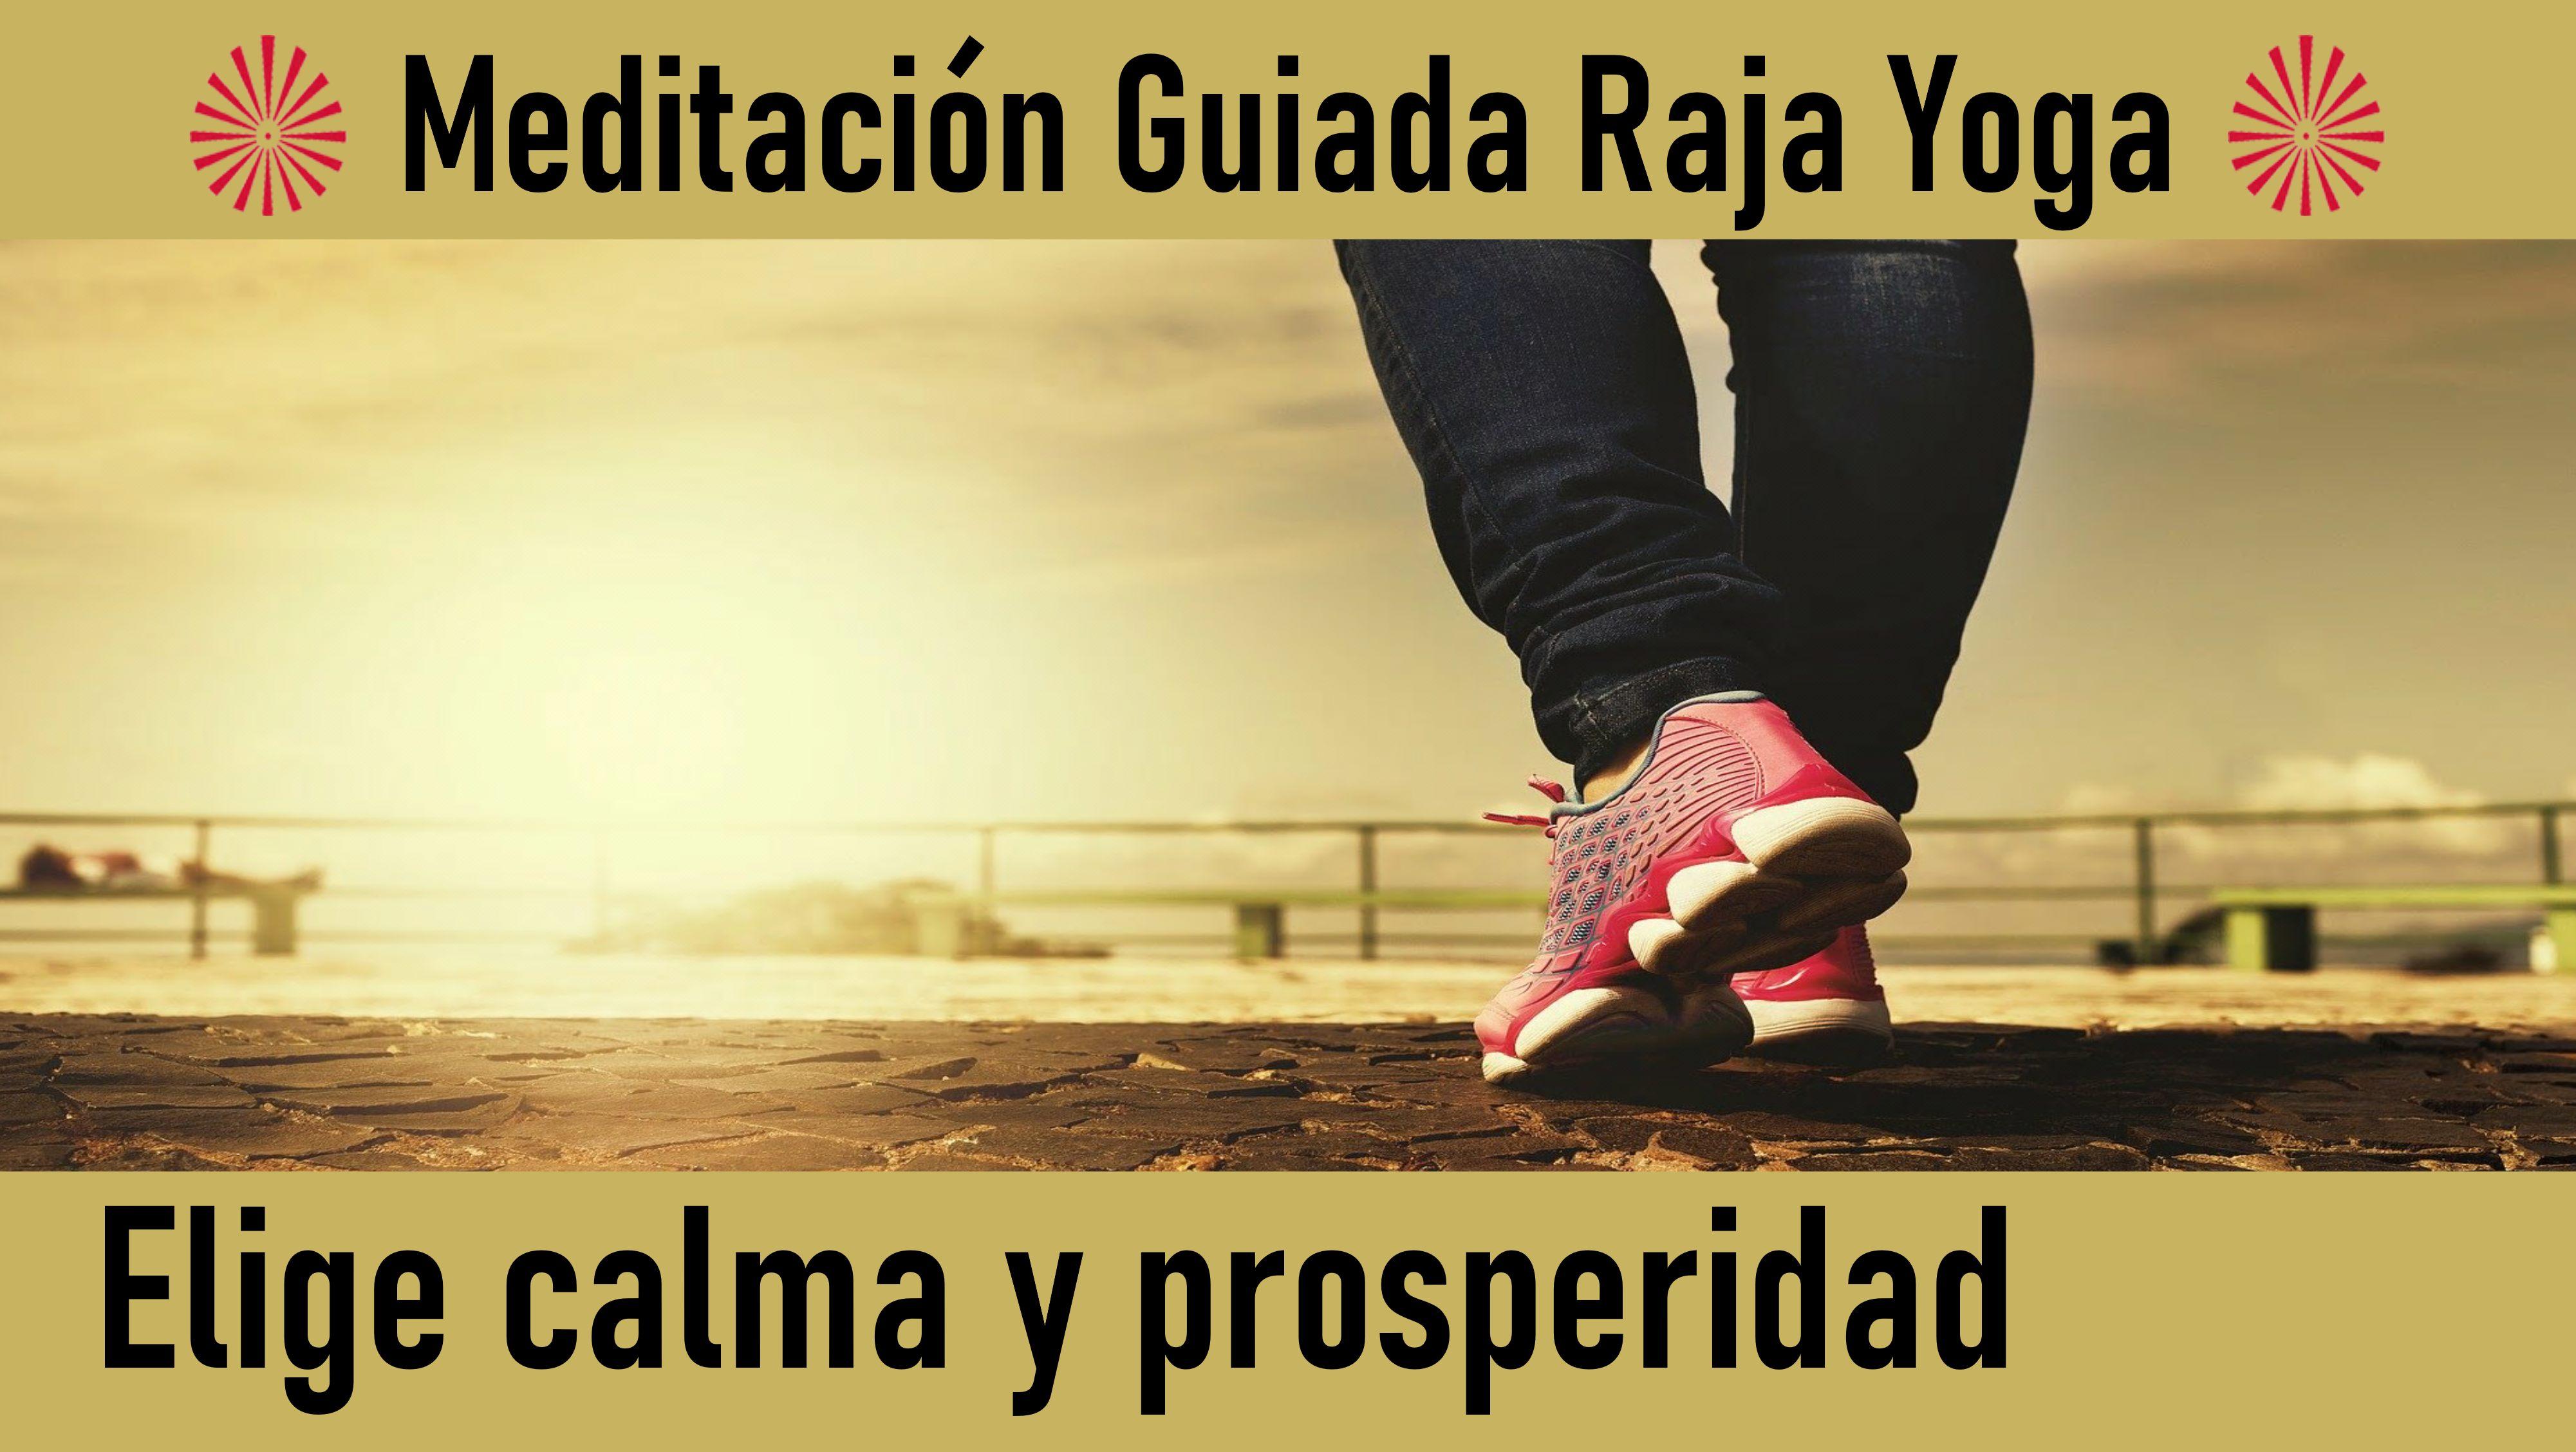 Meditación Raja Yoga:  Elige calma y prosperidad (5 Junio 2020) On-line desde Barcelona